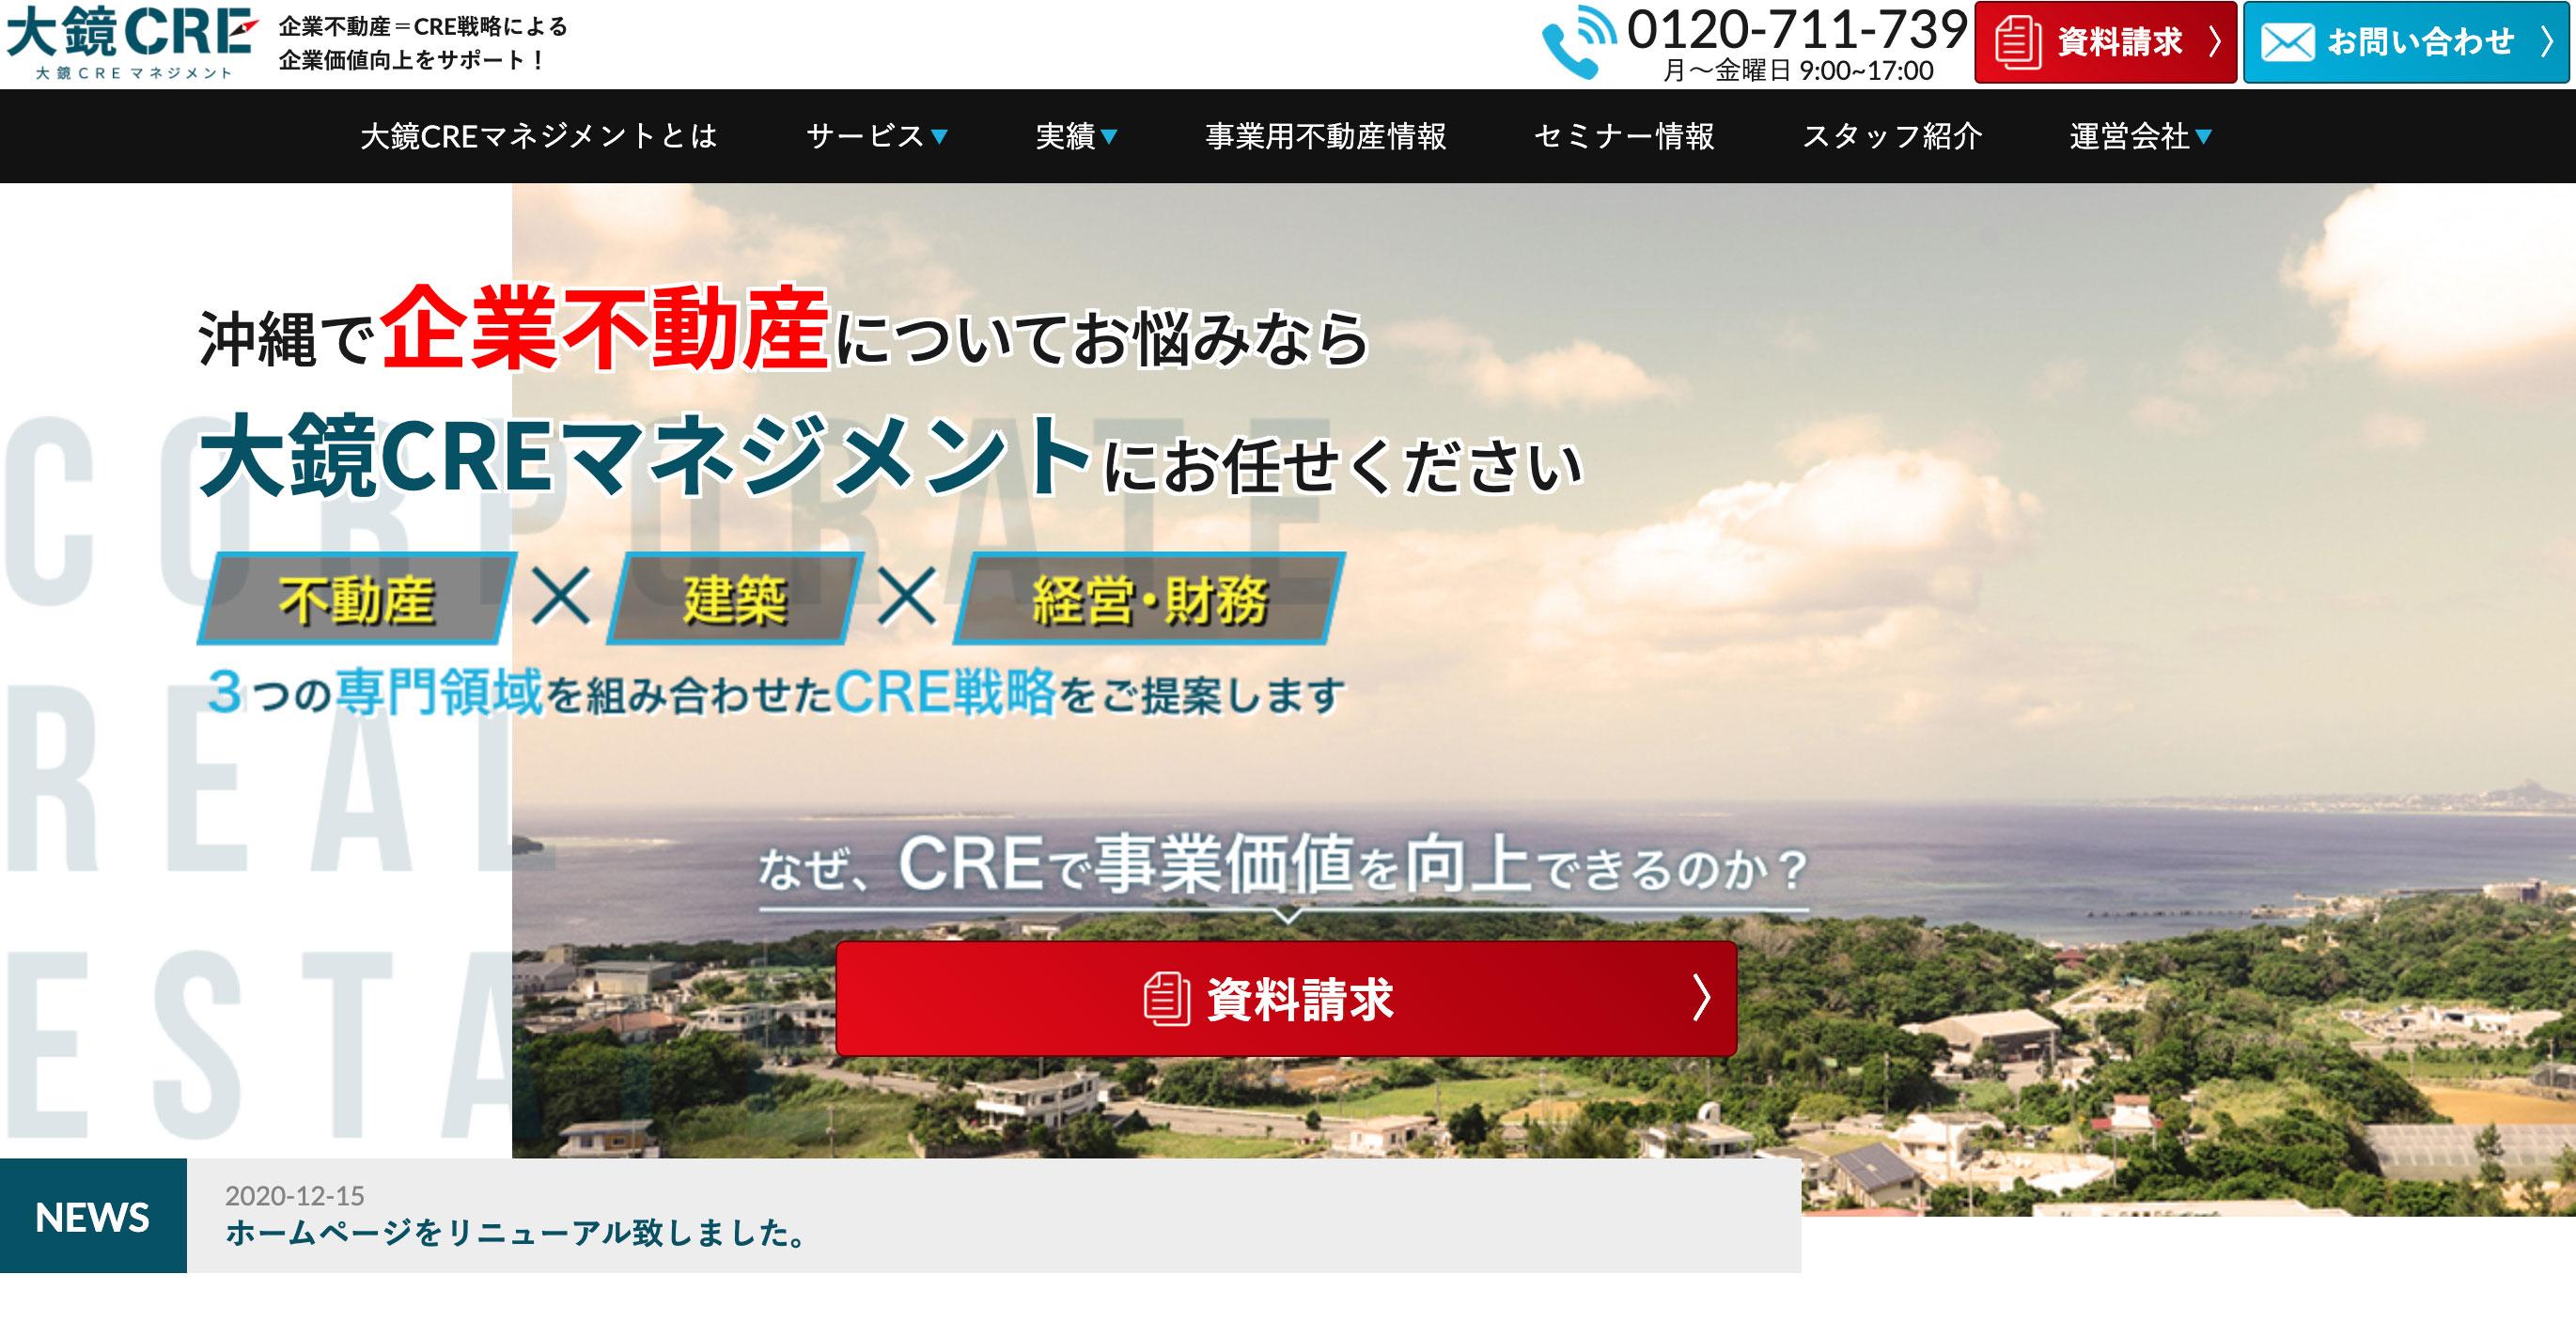 大鏡CRE webリニューアル